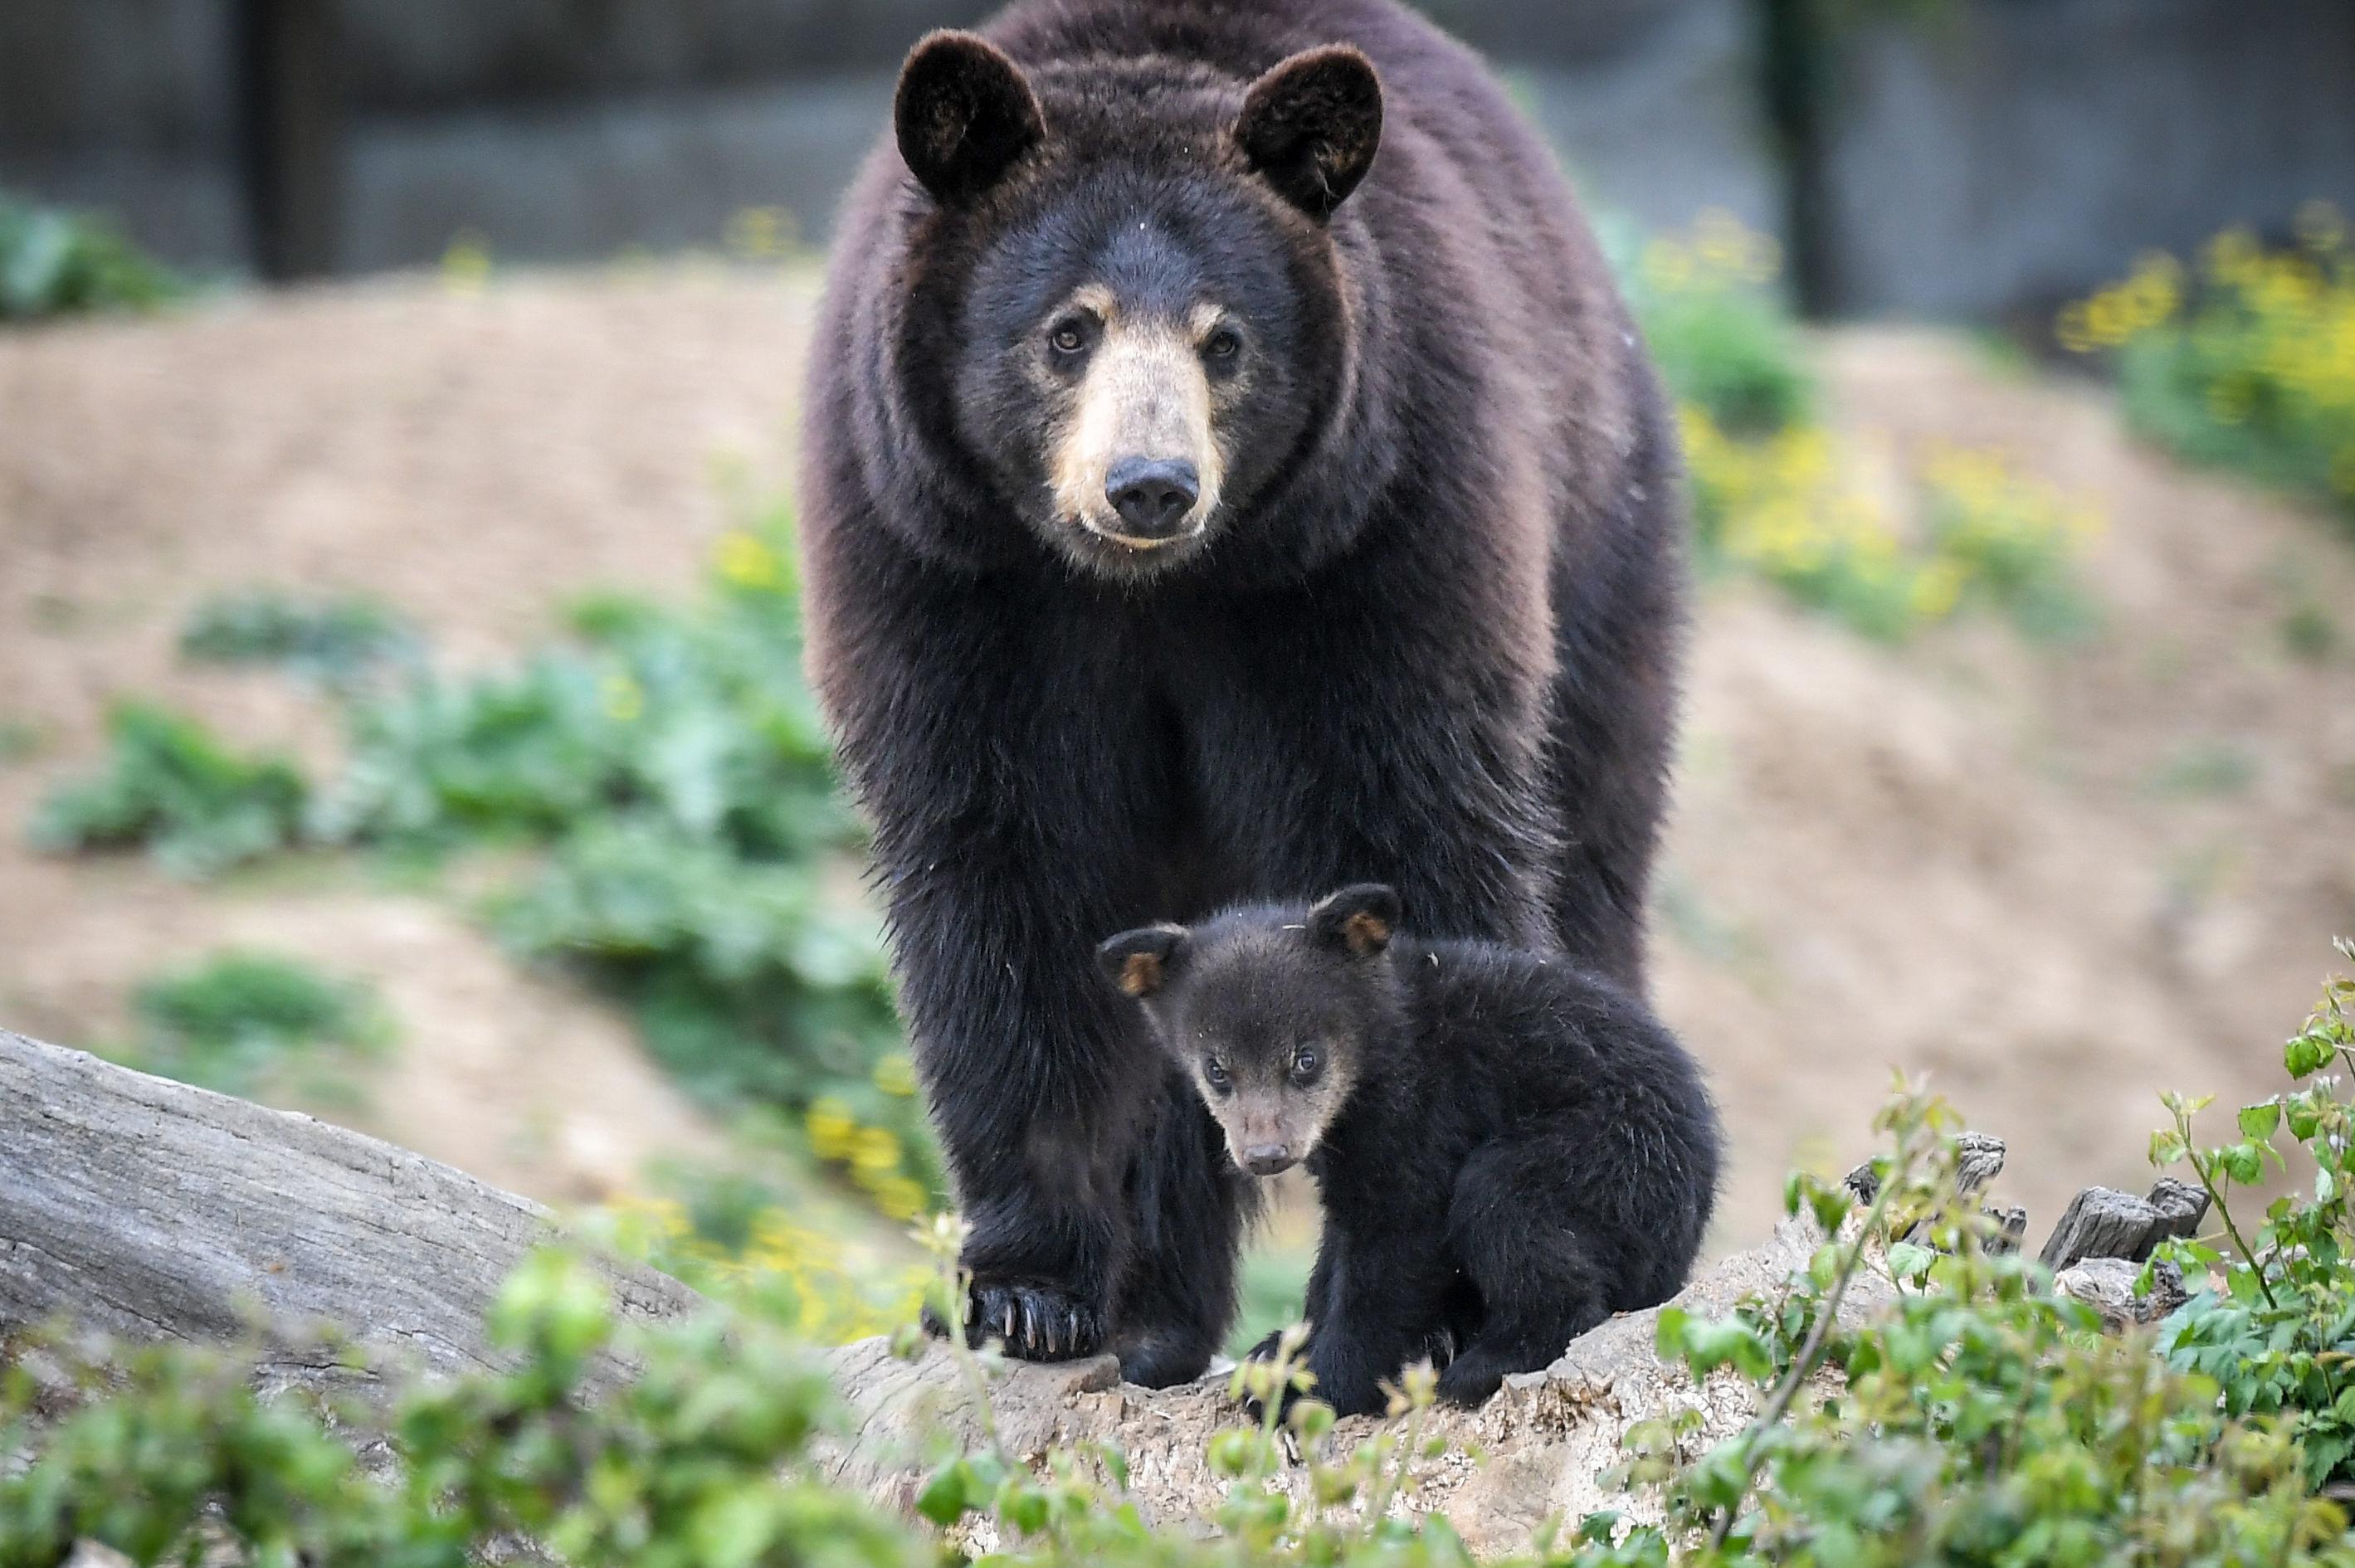 Ursos negros no jardim zoológico Planete Sauvage na França